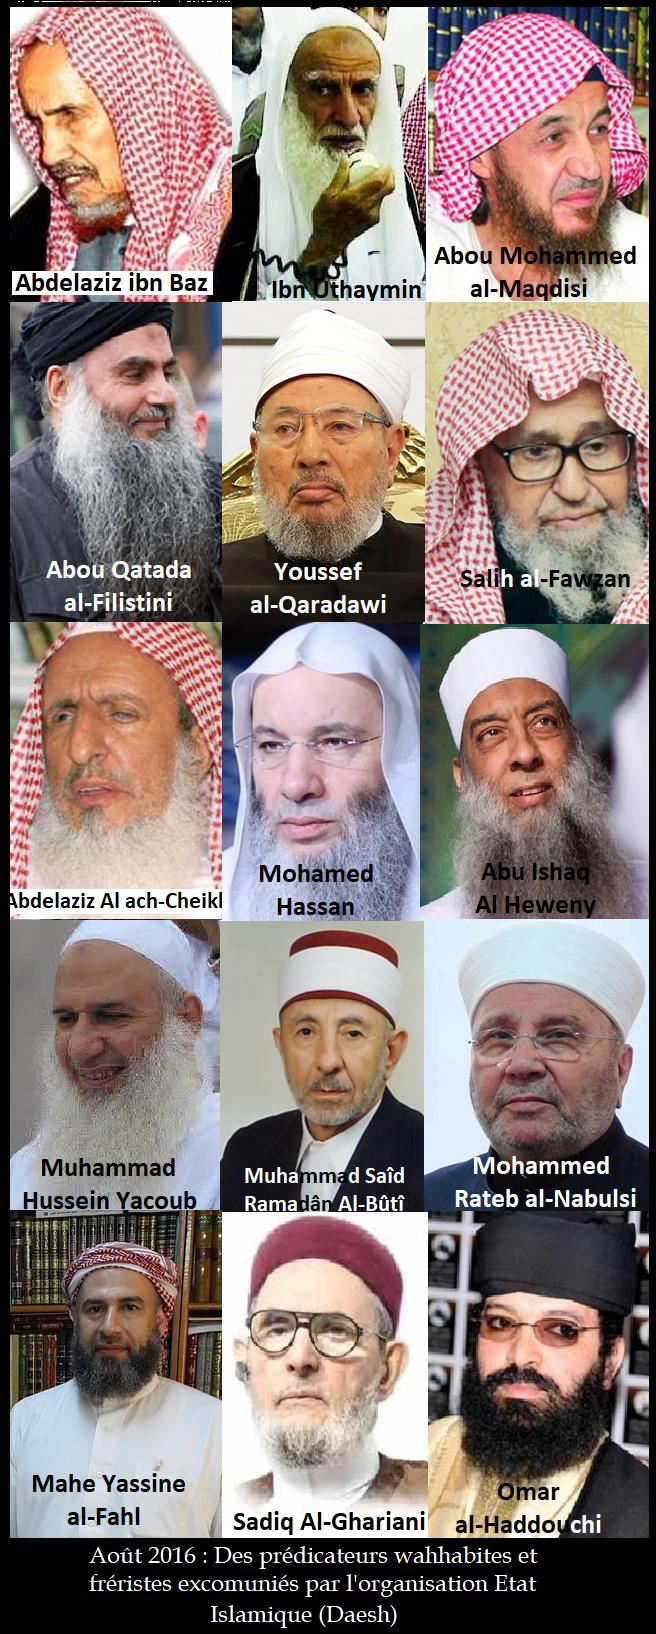 Wahhabites-FM-Excomunié-par-DAESH